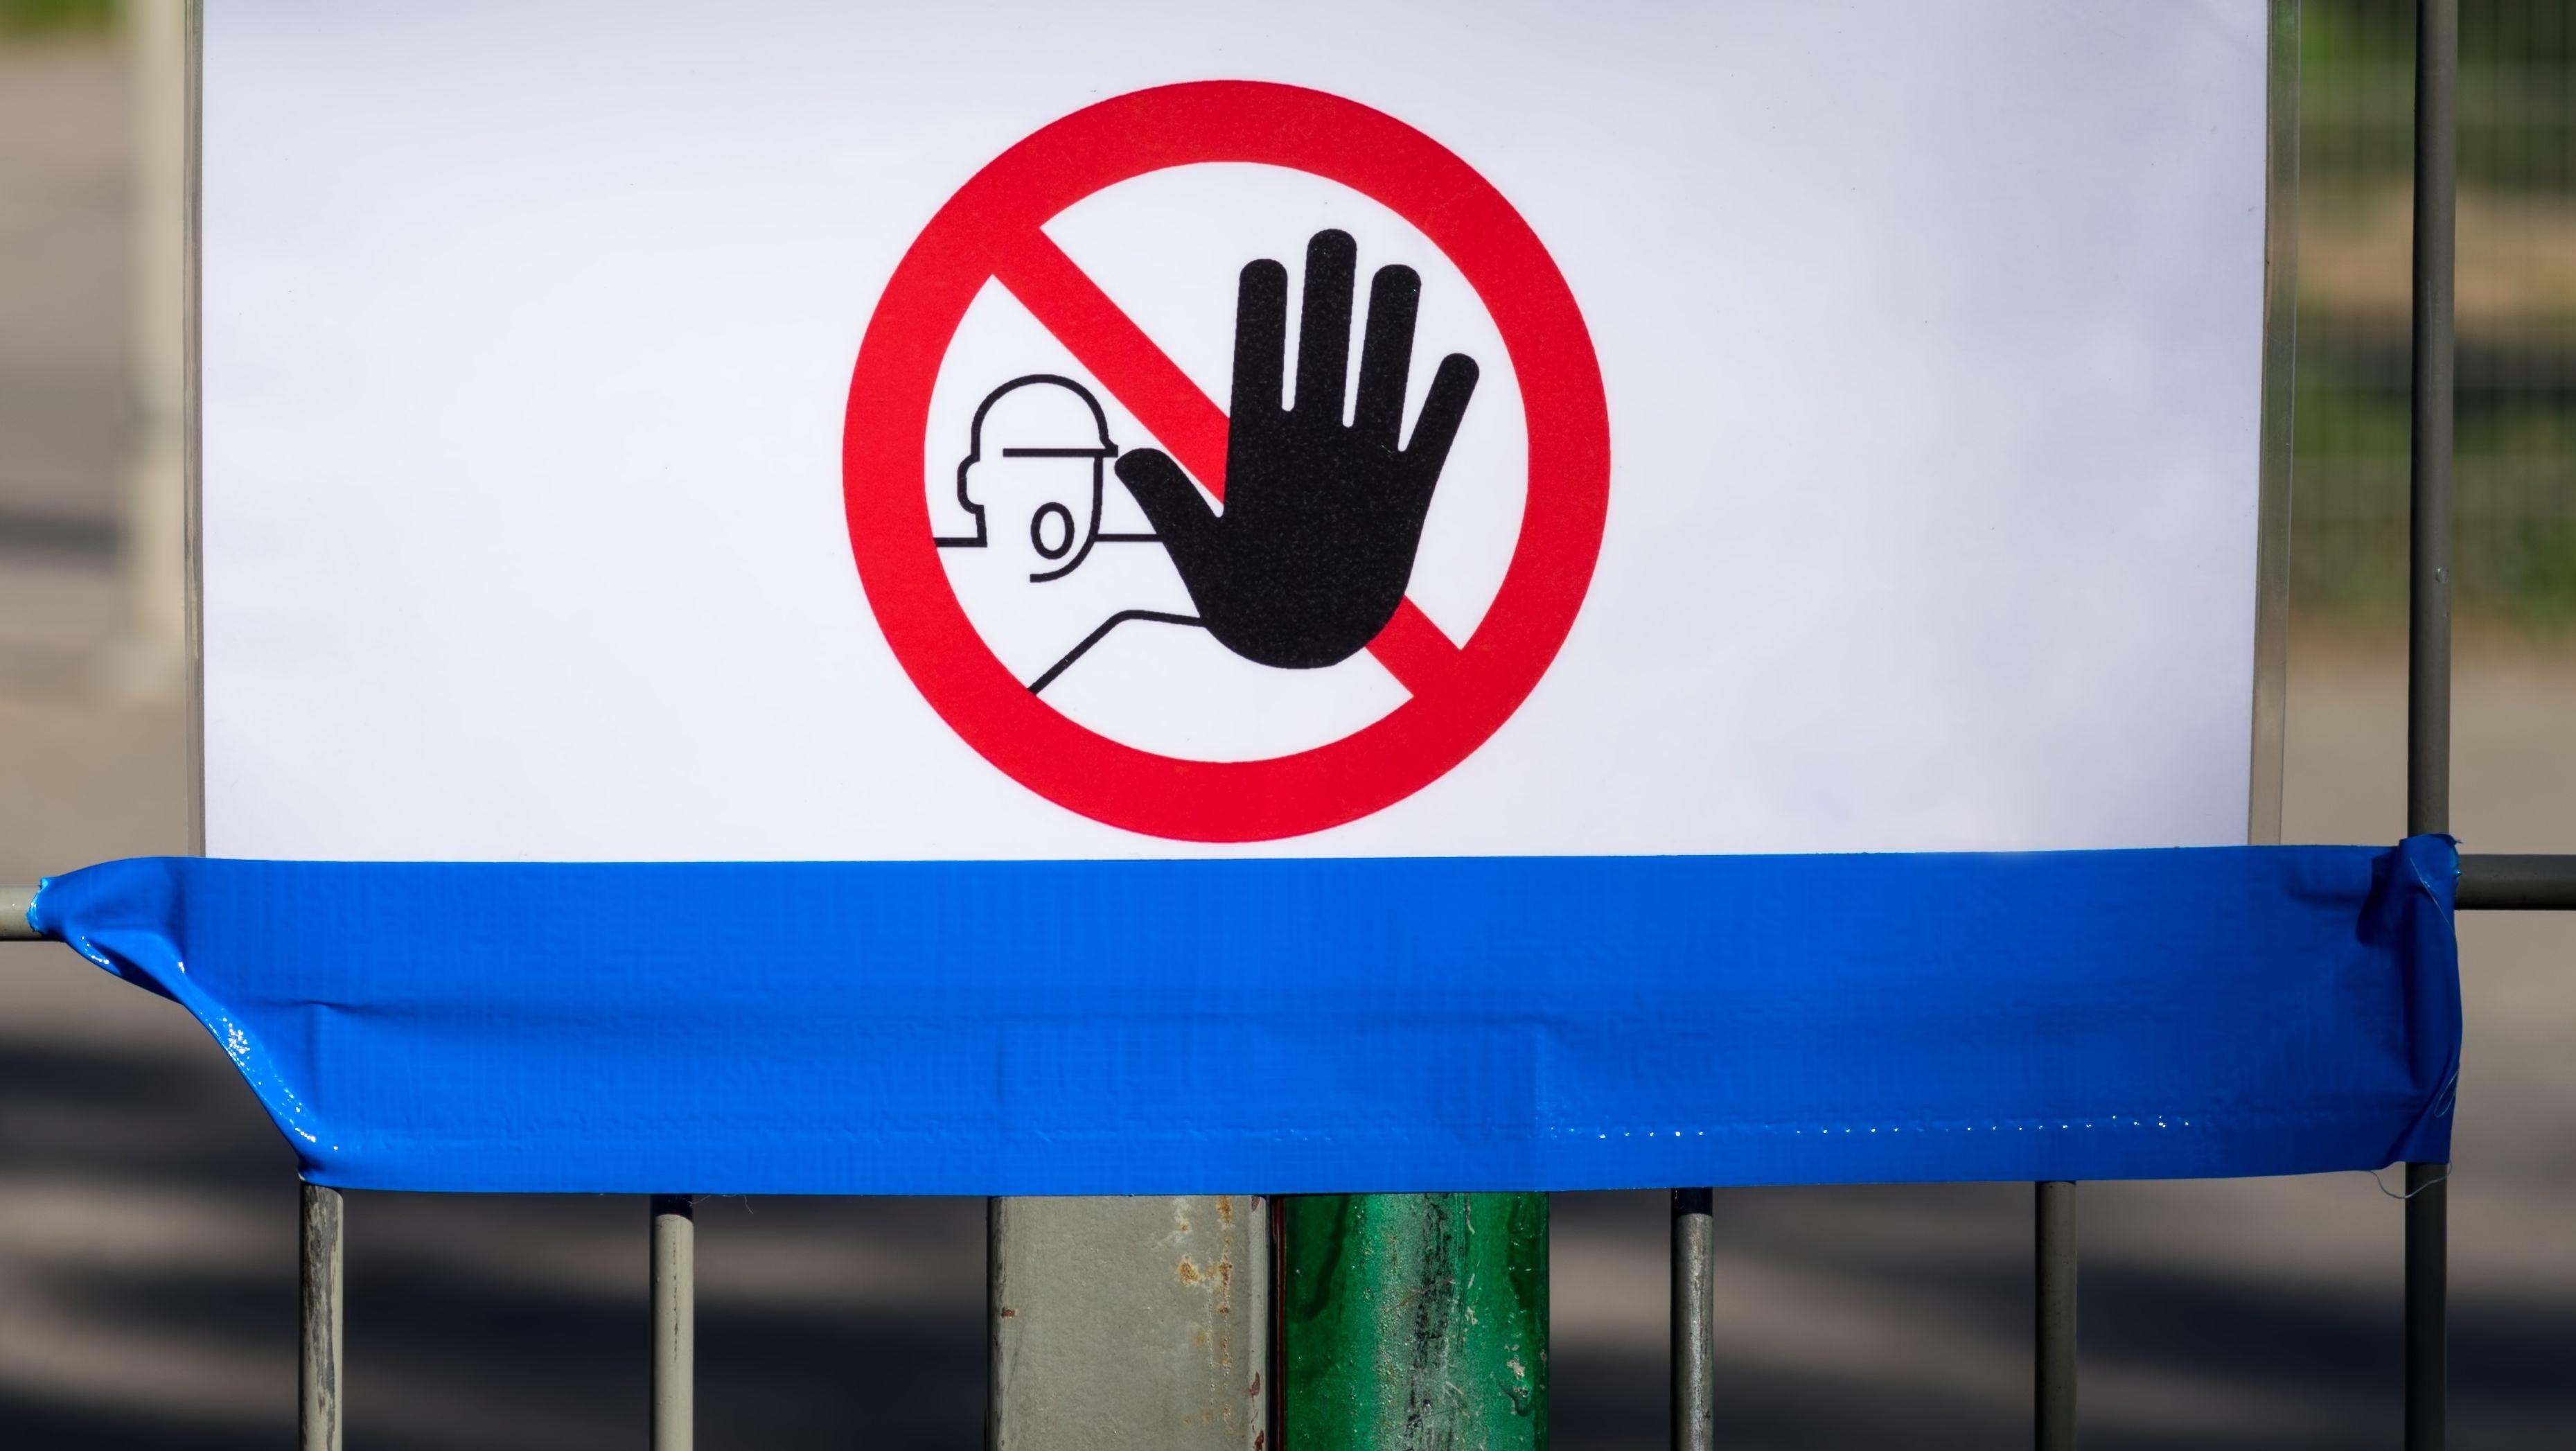 Warnschild an Zaun (Symbolbild)